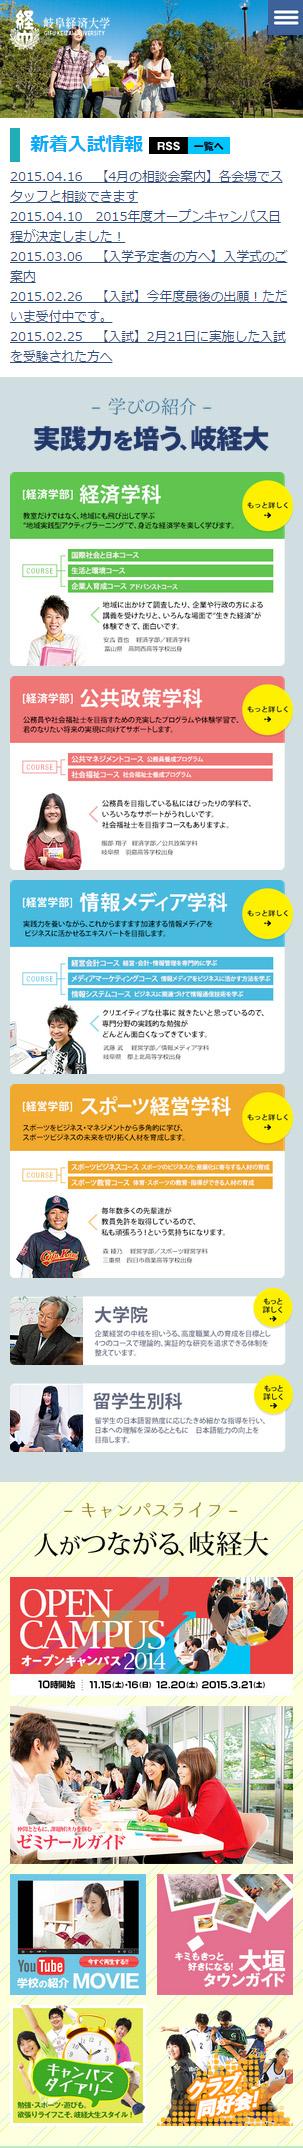 岐阜経済大学受験生サイト スマホ版